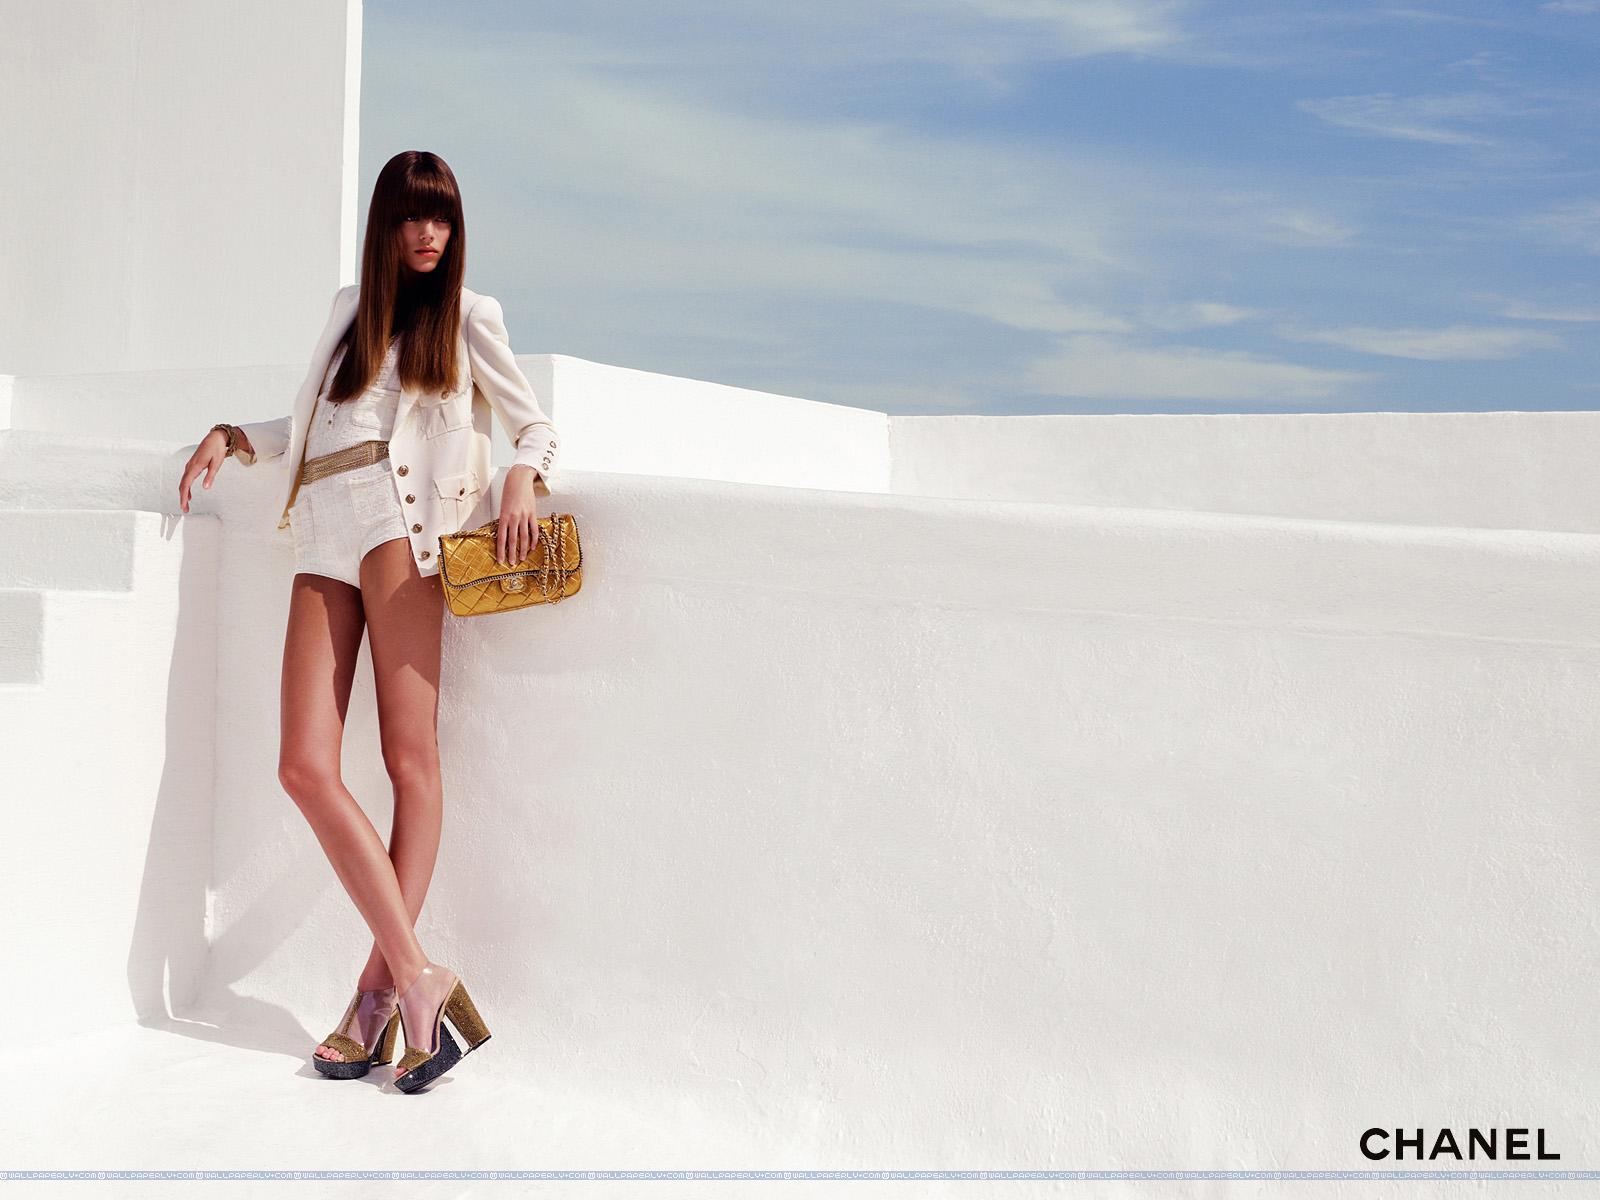 http://3.bp.blogspot.com/-Mvg52JAQTdo/Tri-XplBs-I/AAAAAAAAAvg/UyVX2rVRTNQ/s1600/Chanel+Spring+-+Summer+2007+8+1600x1200+Fashion+Wallpaper.jpg